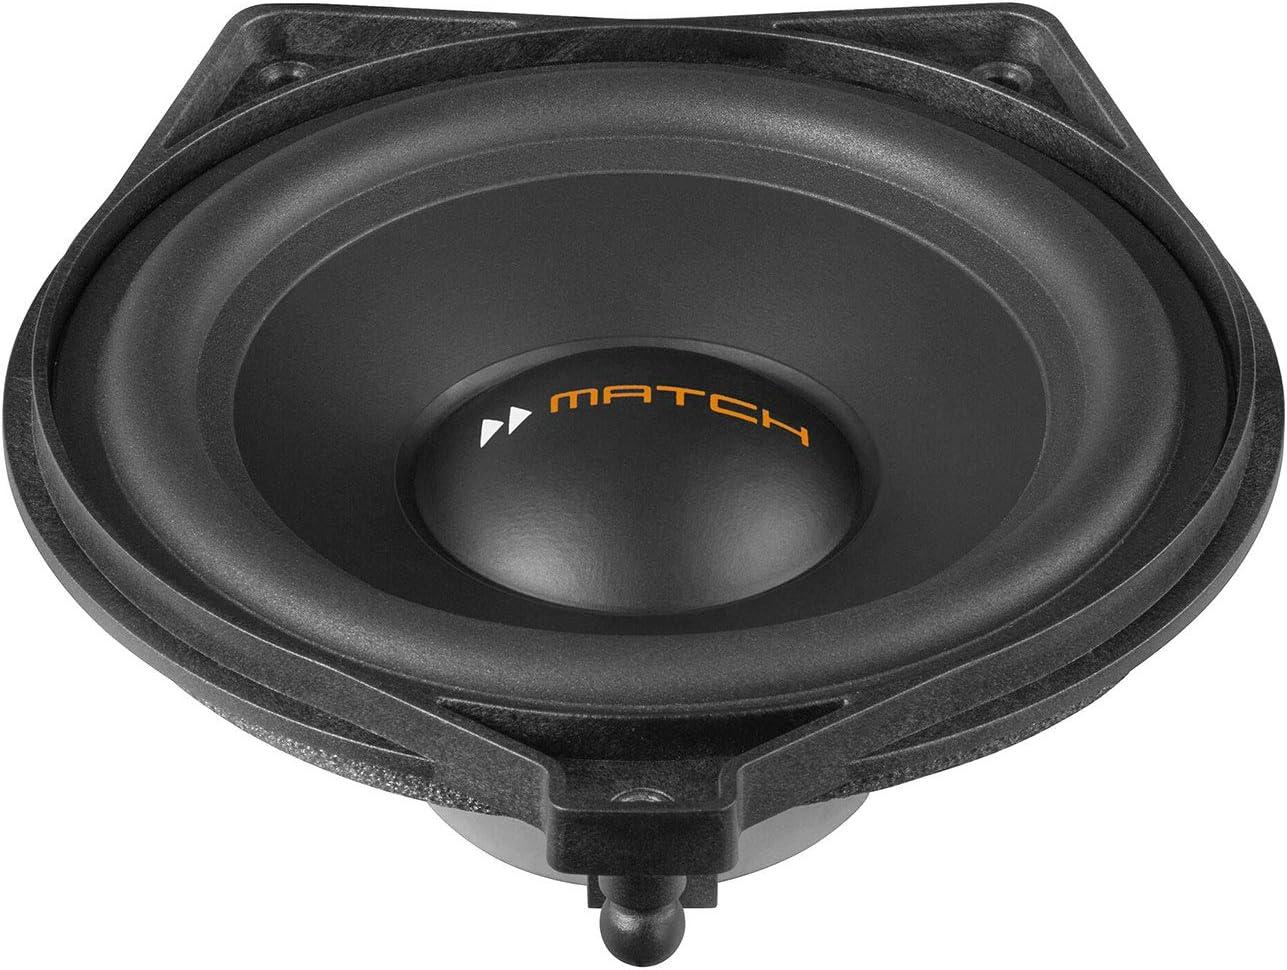 Helix Up S4mb Ctr Center Lautsprecher Für Mercedes Z B C Klasse E Klasse Usw Navigation